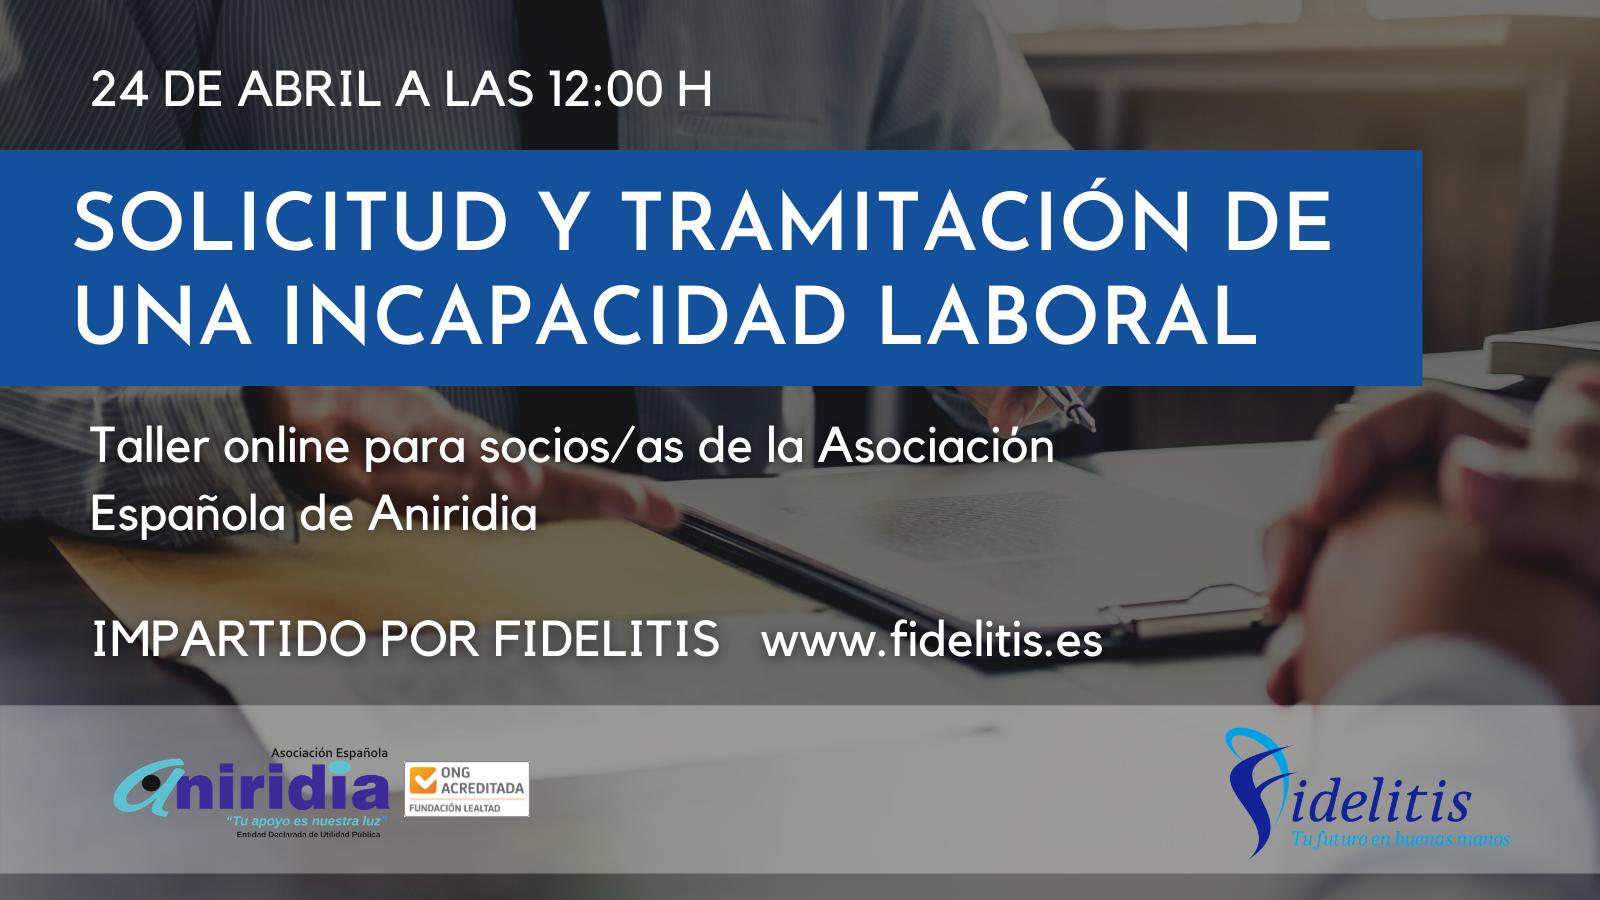 Solicitud y tramitación de una incapacidad laboral. 24 de abril a las 12:00 pm